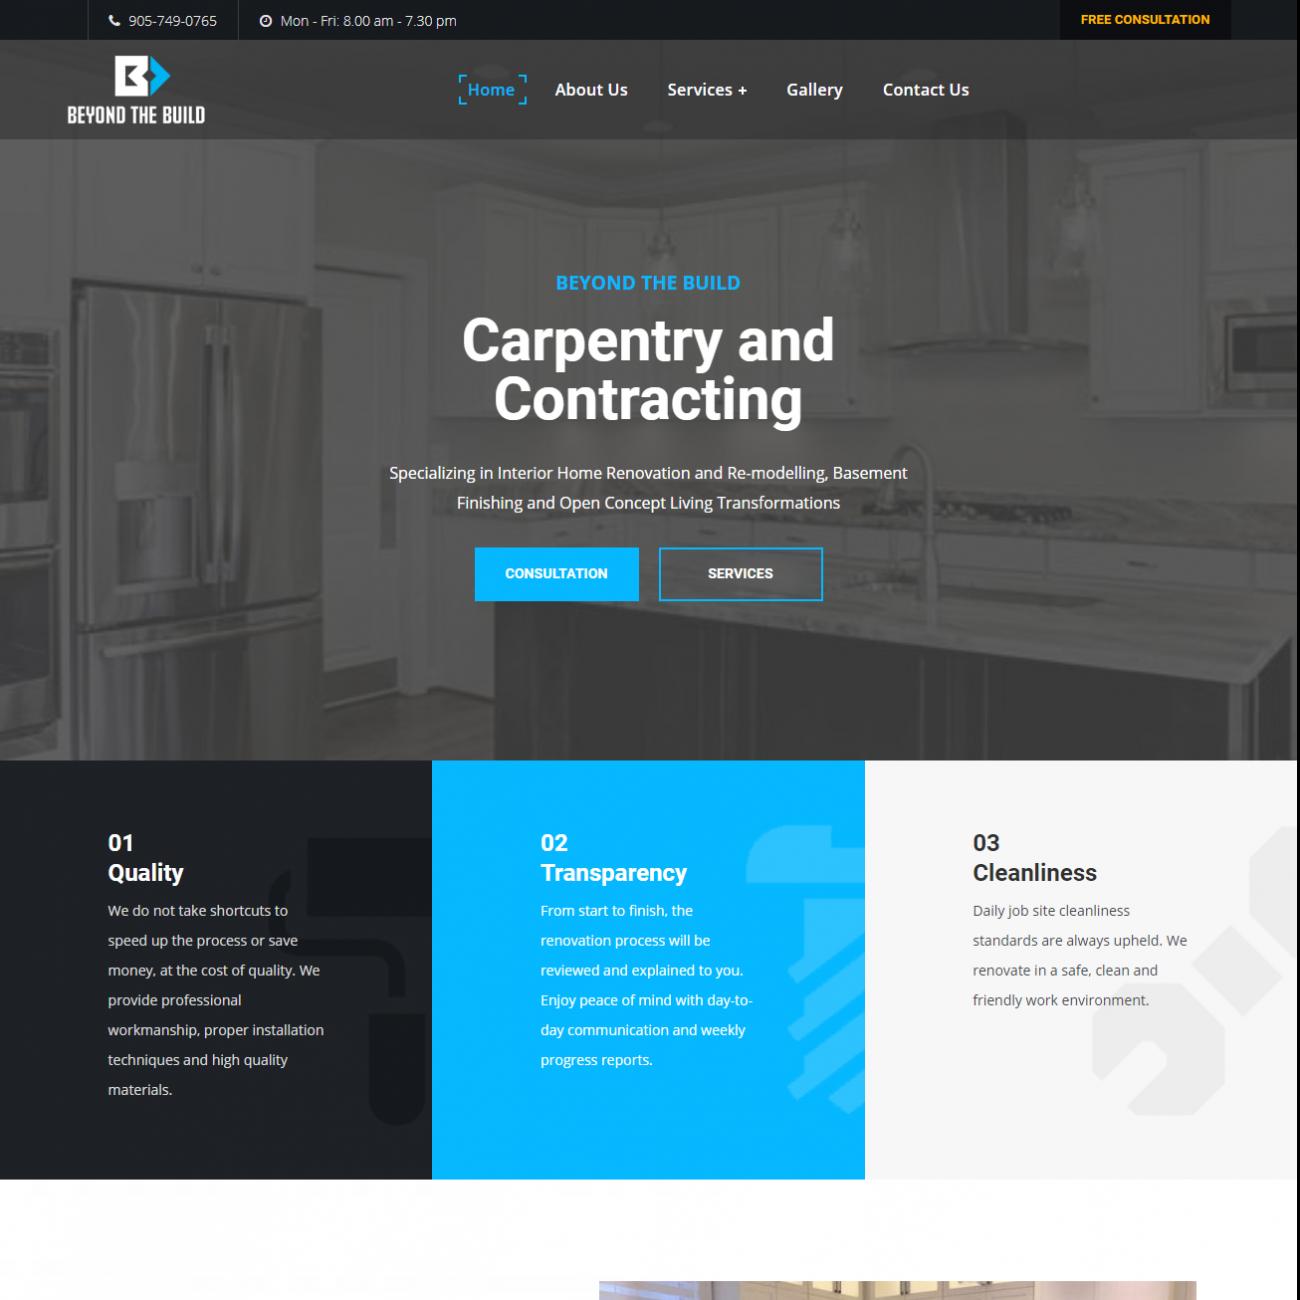 brampton web designer freelancer